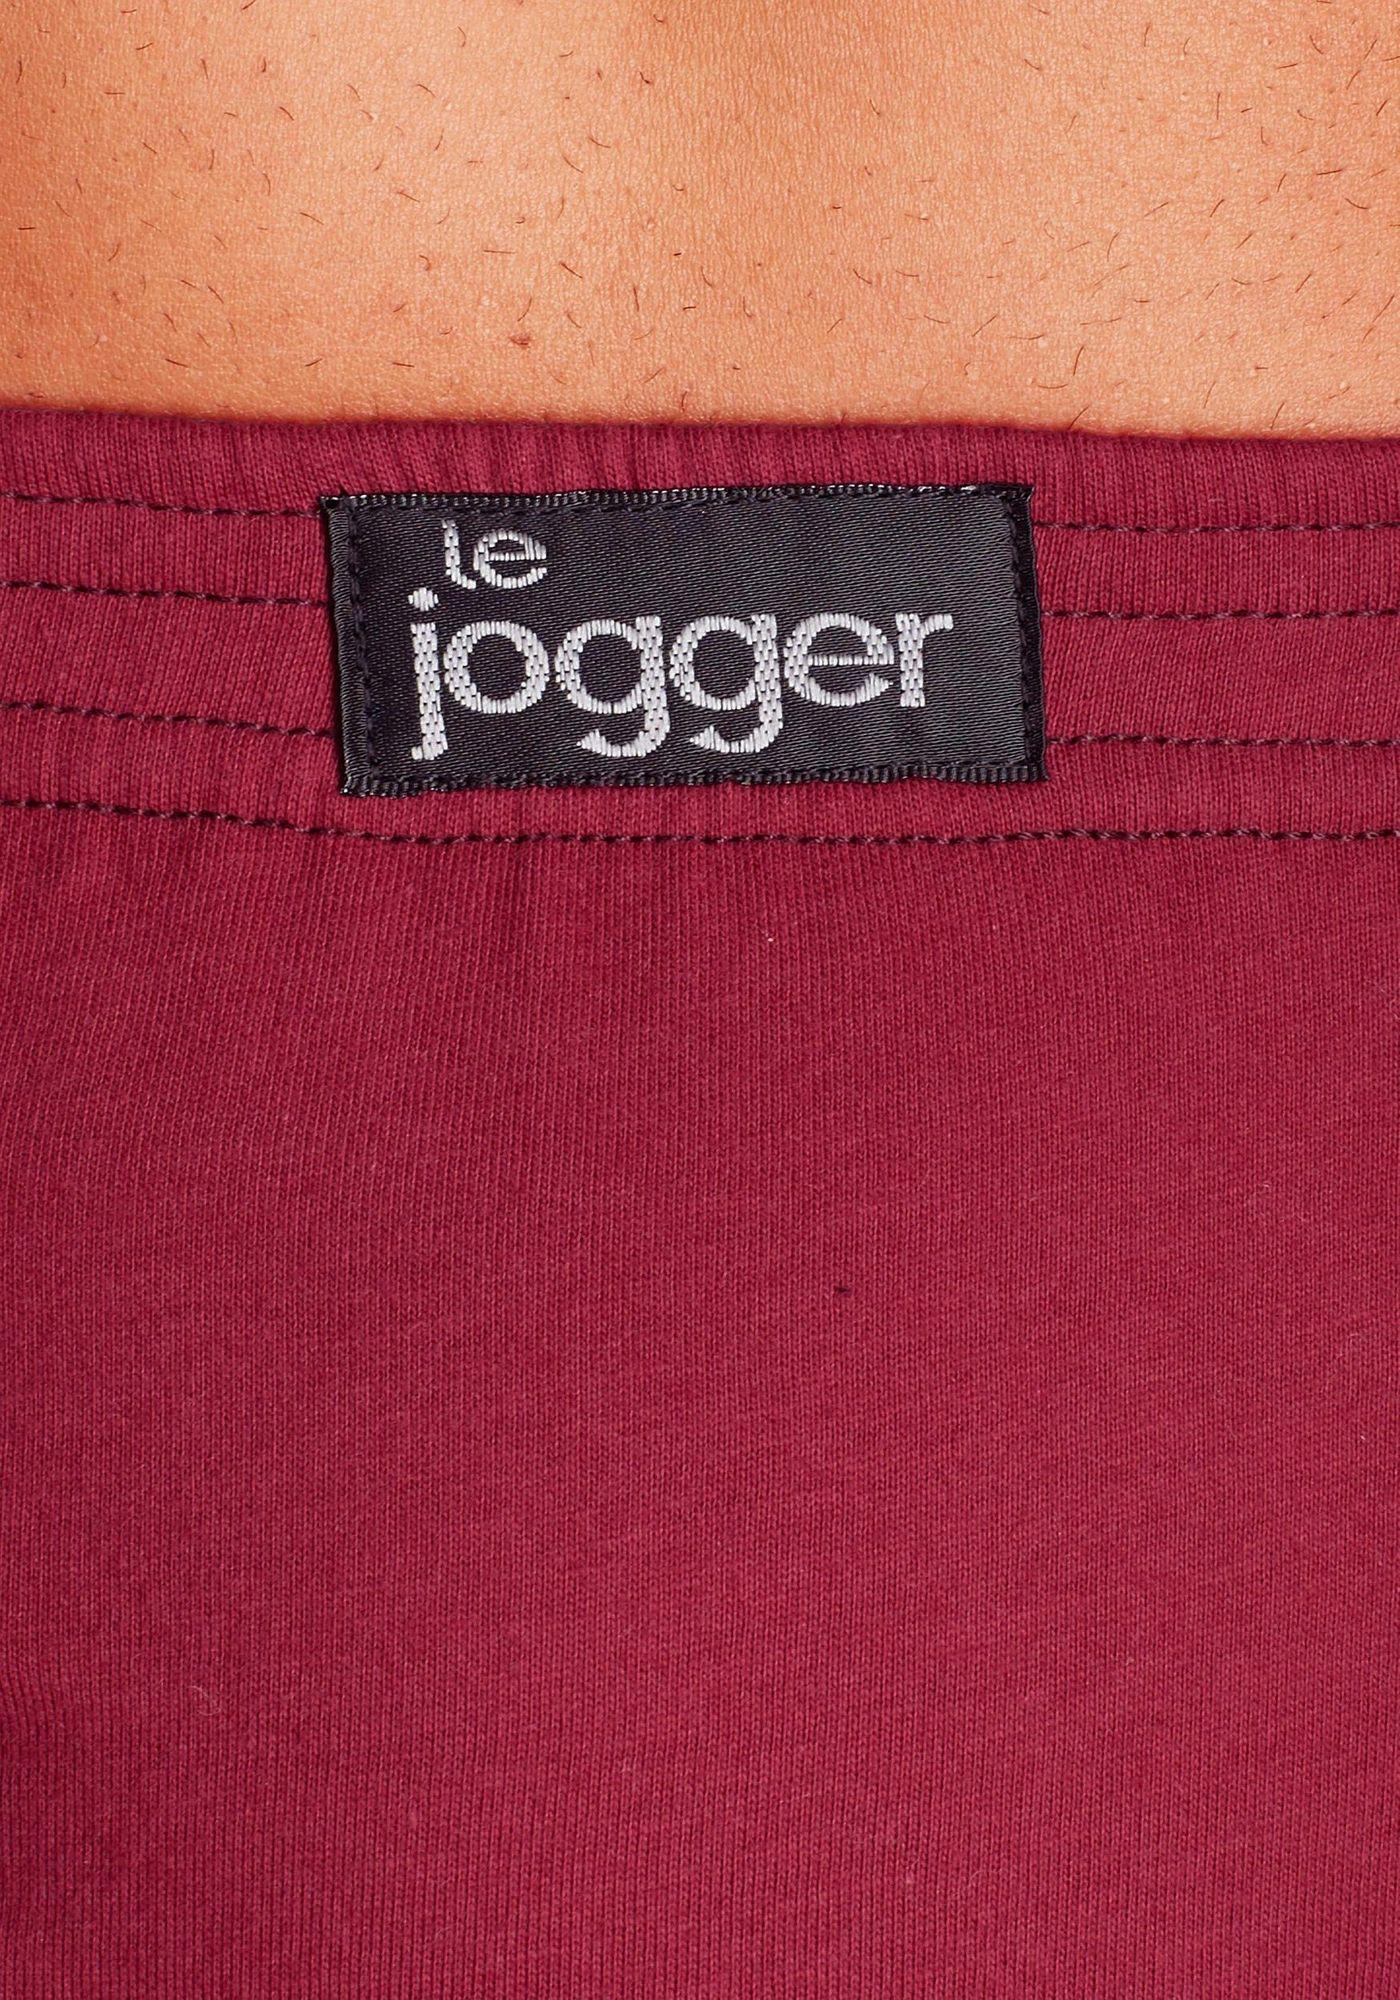 Le Jogger Herren Slips, 6er Pack – Bild 4